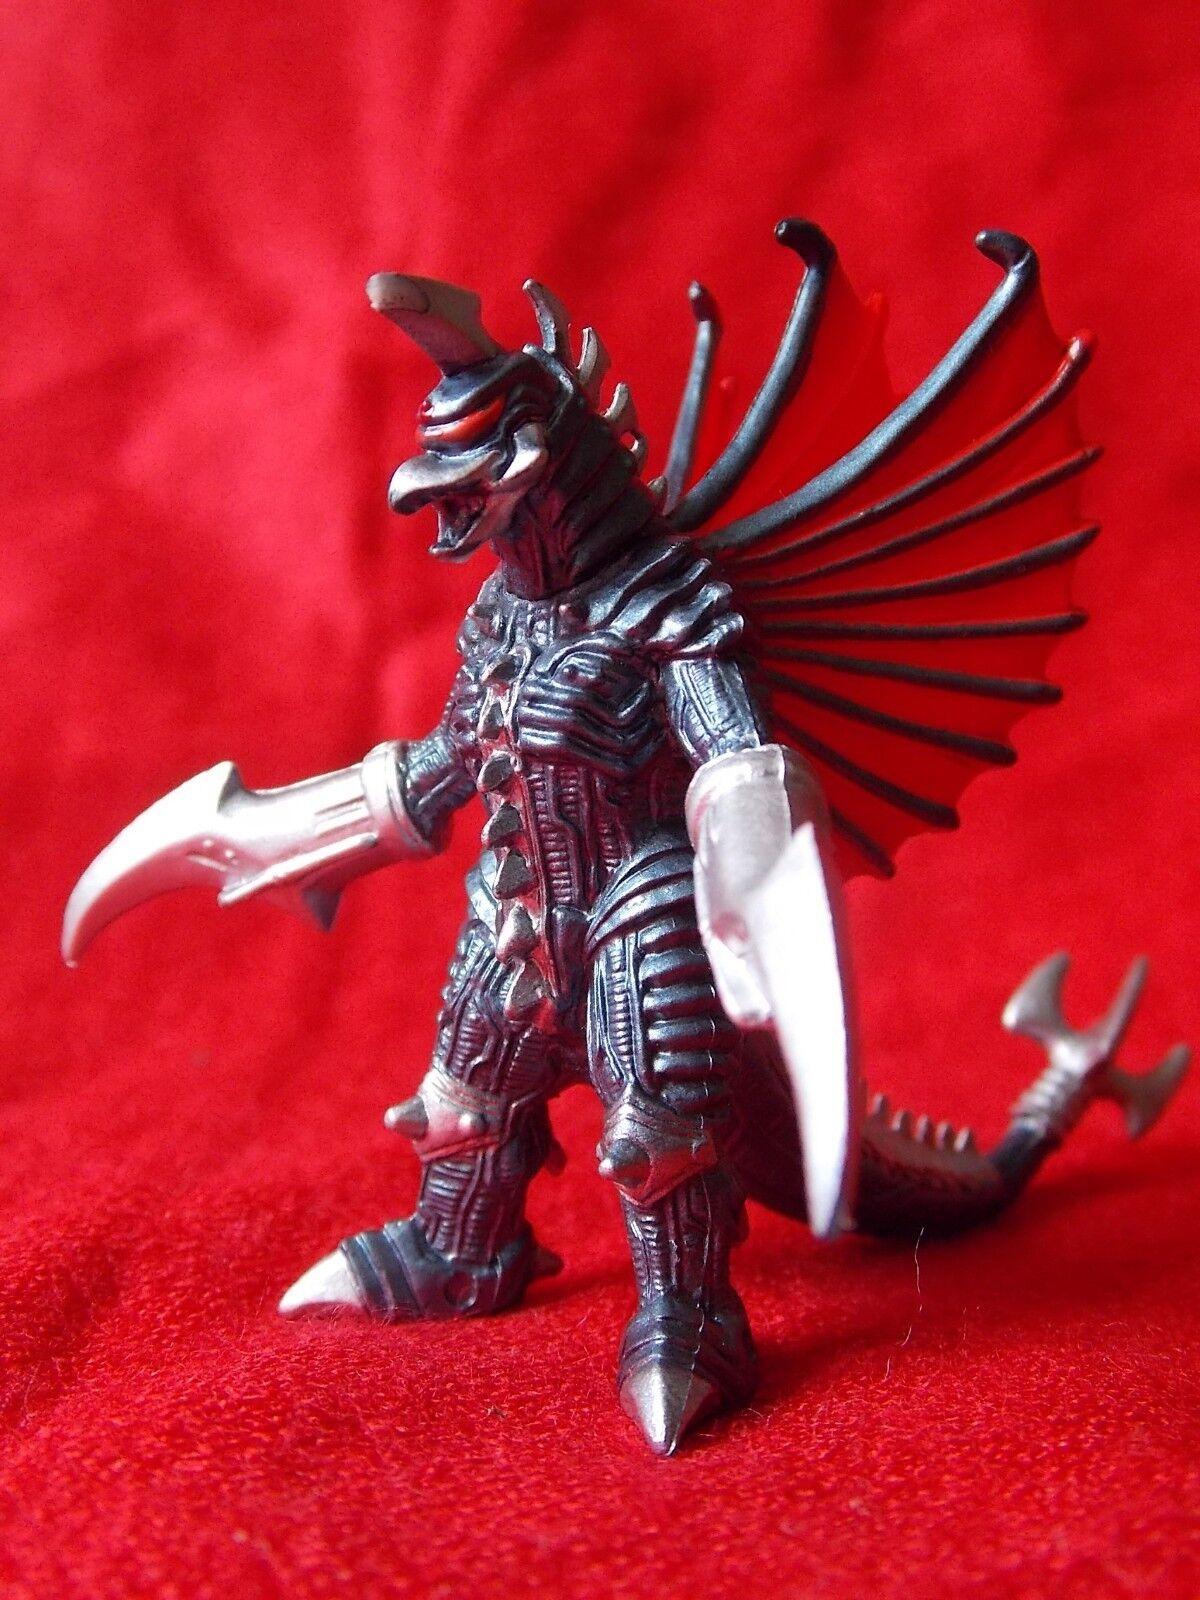 GIGAN Godzilla Chozukan PVC SOLID mini Figure H2.4  6cm 6cm 6cm KAIJU UK DESPATCH 690b9f